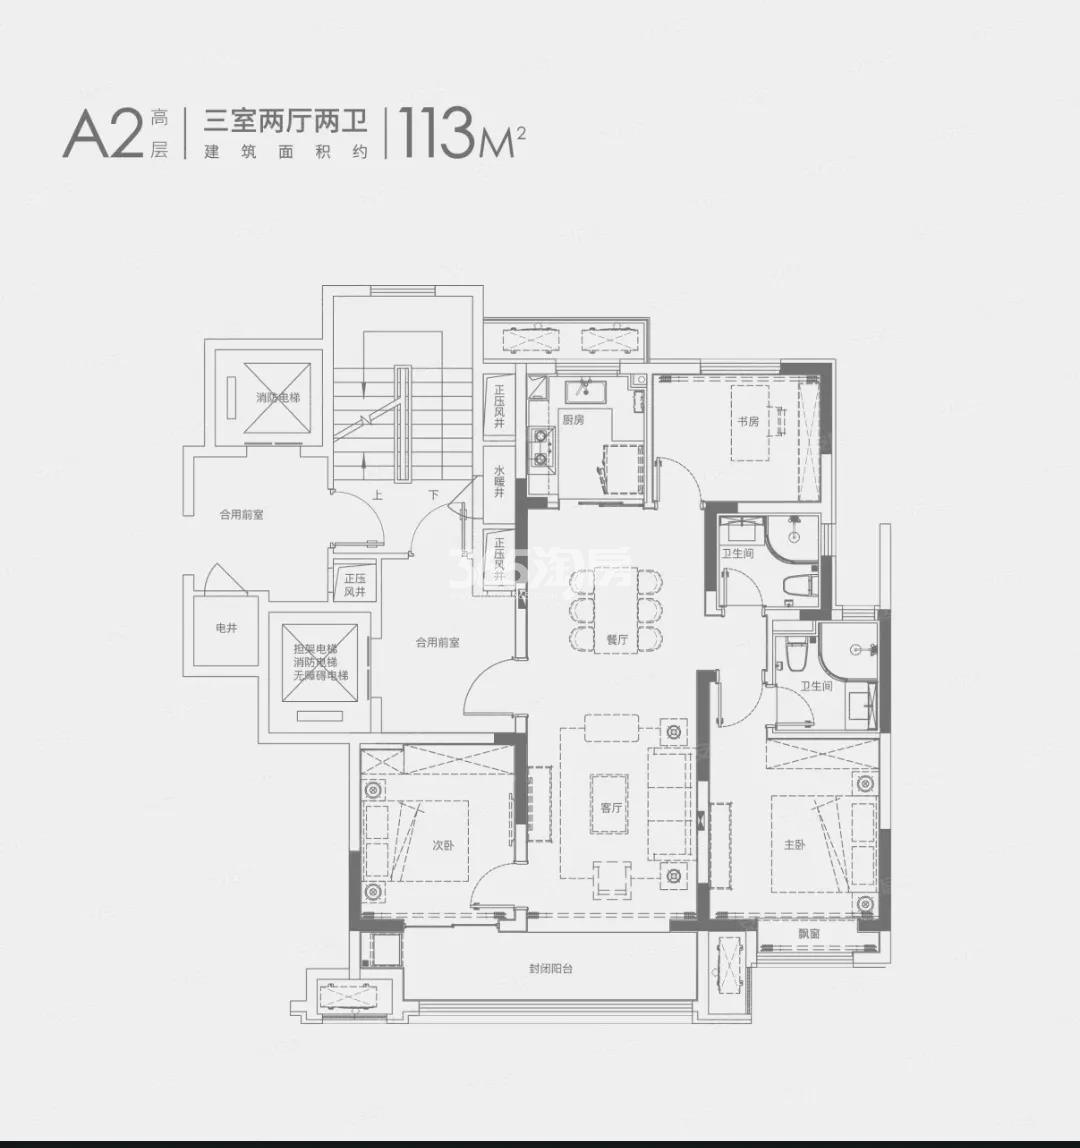 招商万科山水间A2户型(约113㎡)